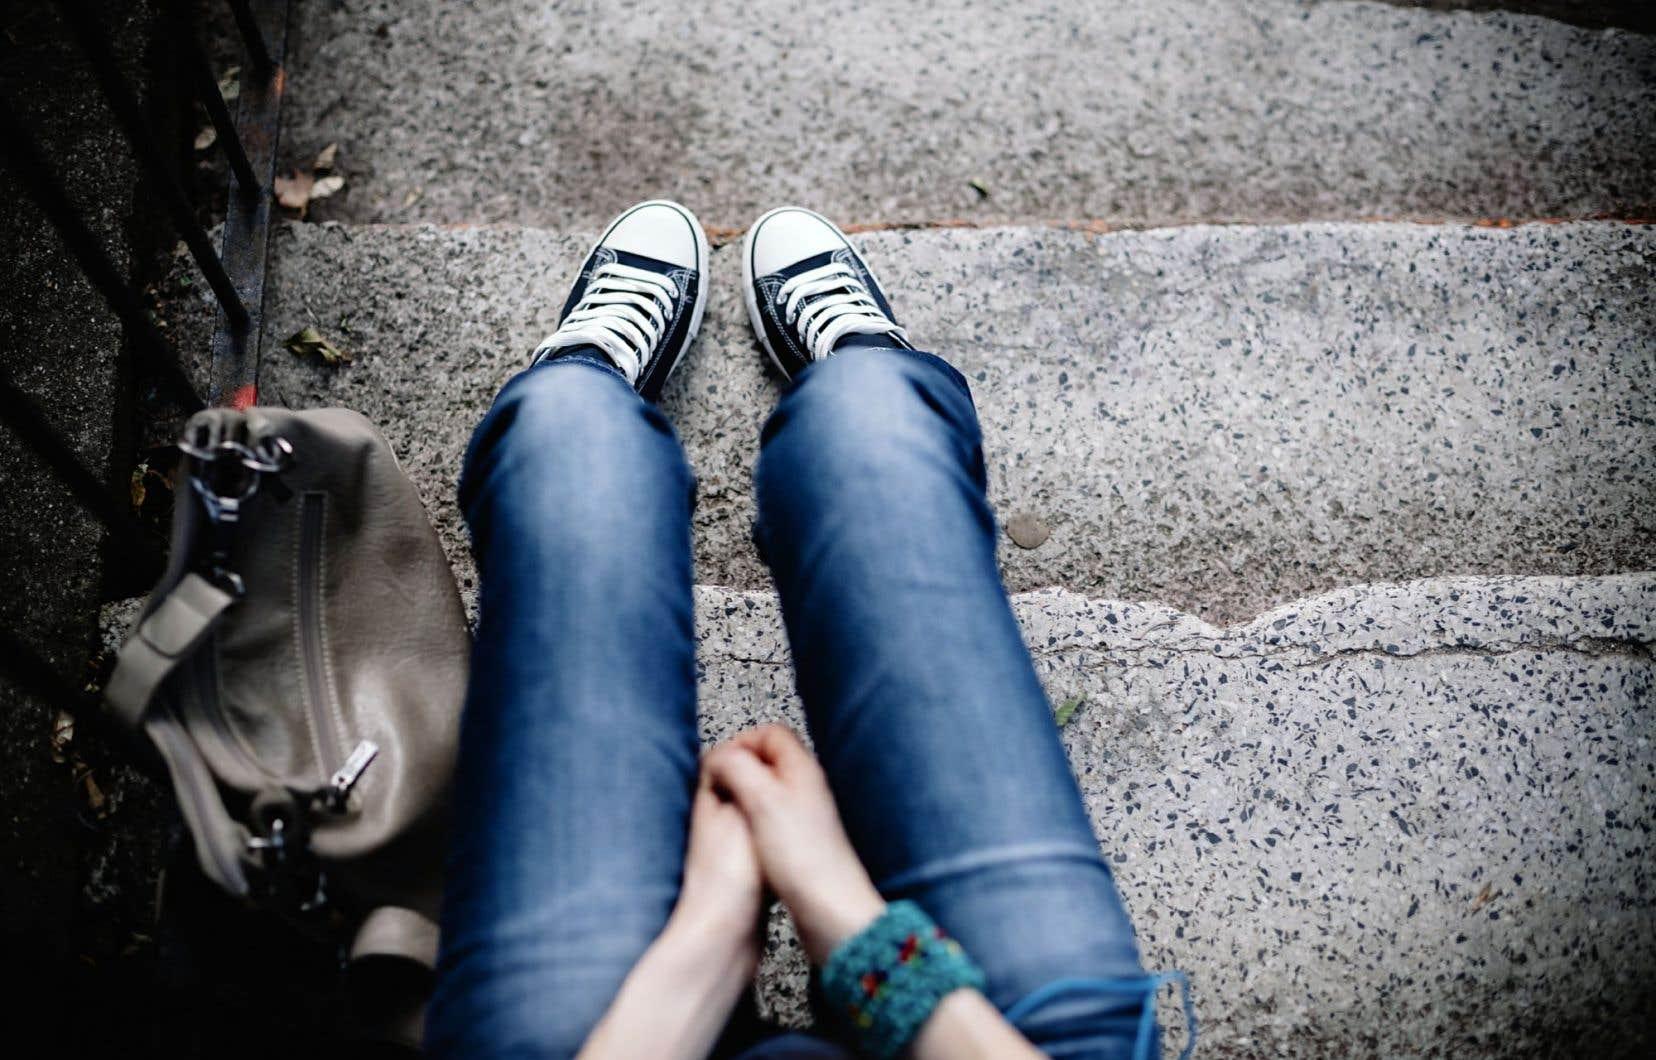 Les récents cas de fugues dans les centres jeunesse ont mis en lumière la complexité de la question de l'exploitation sexuelle des adolescents.